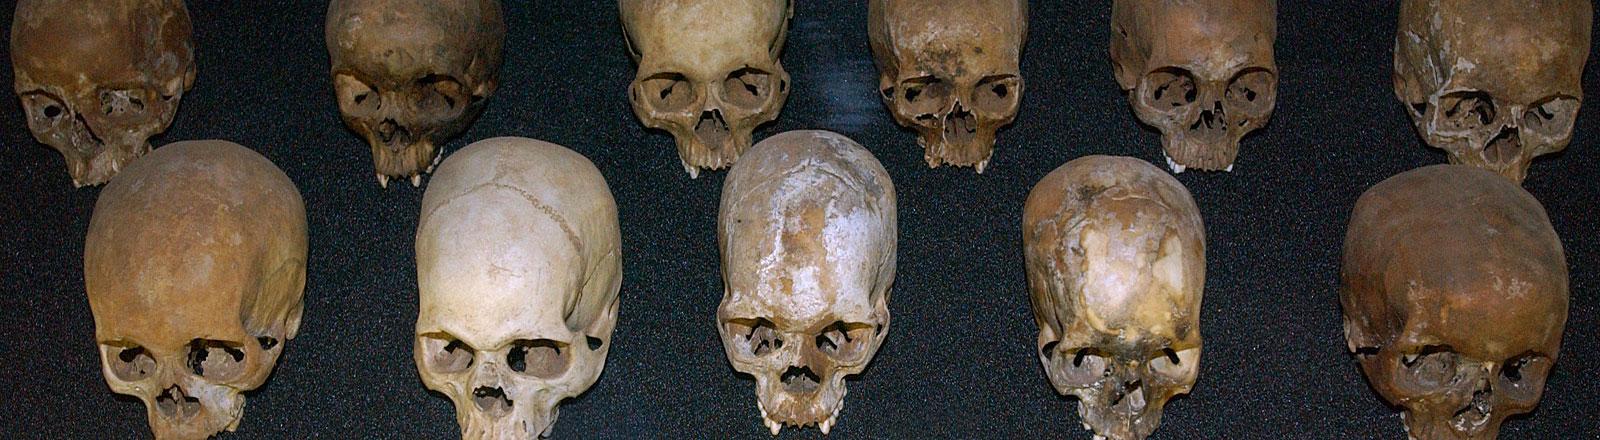 Totenschädel von Opfern des Völkermordes in einer Gedenkstätte in Ruandas Hauptstadt Kigali